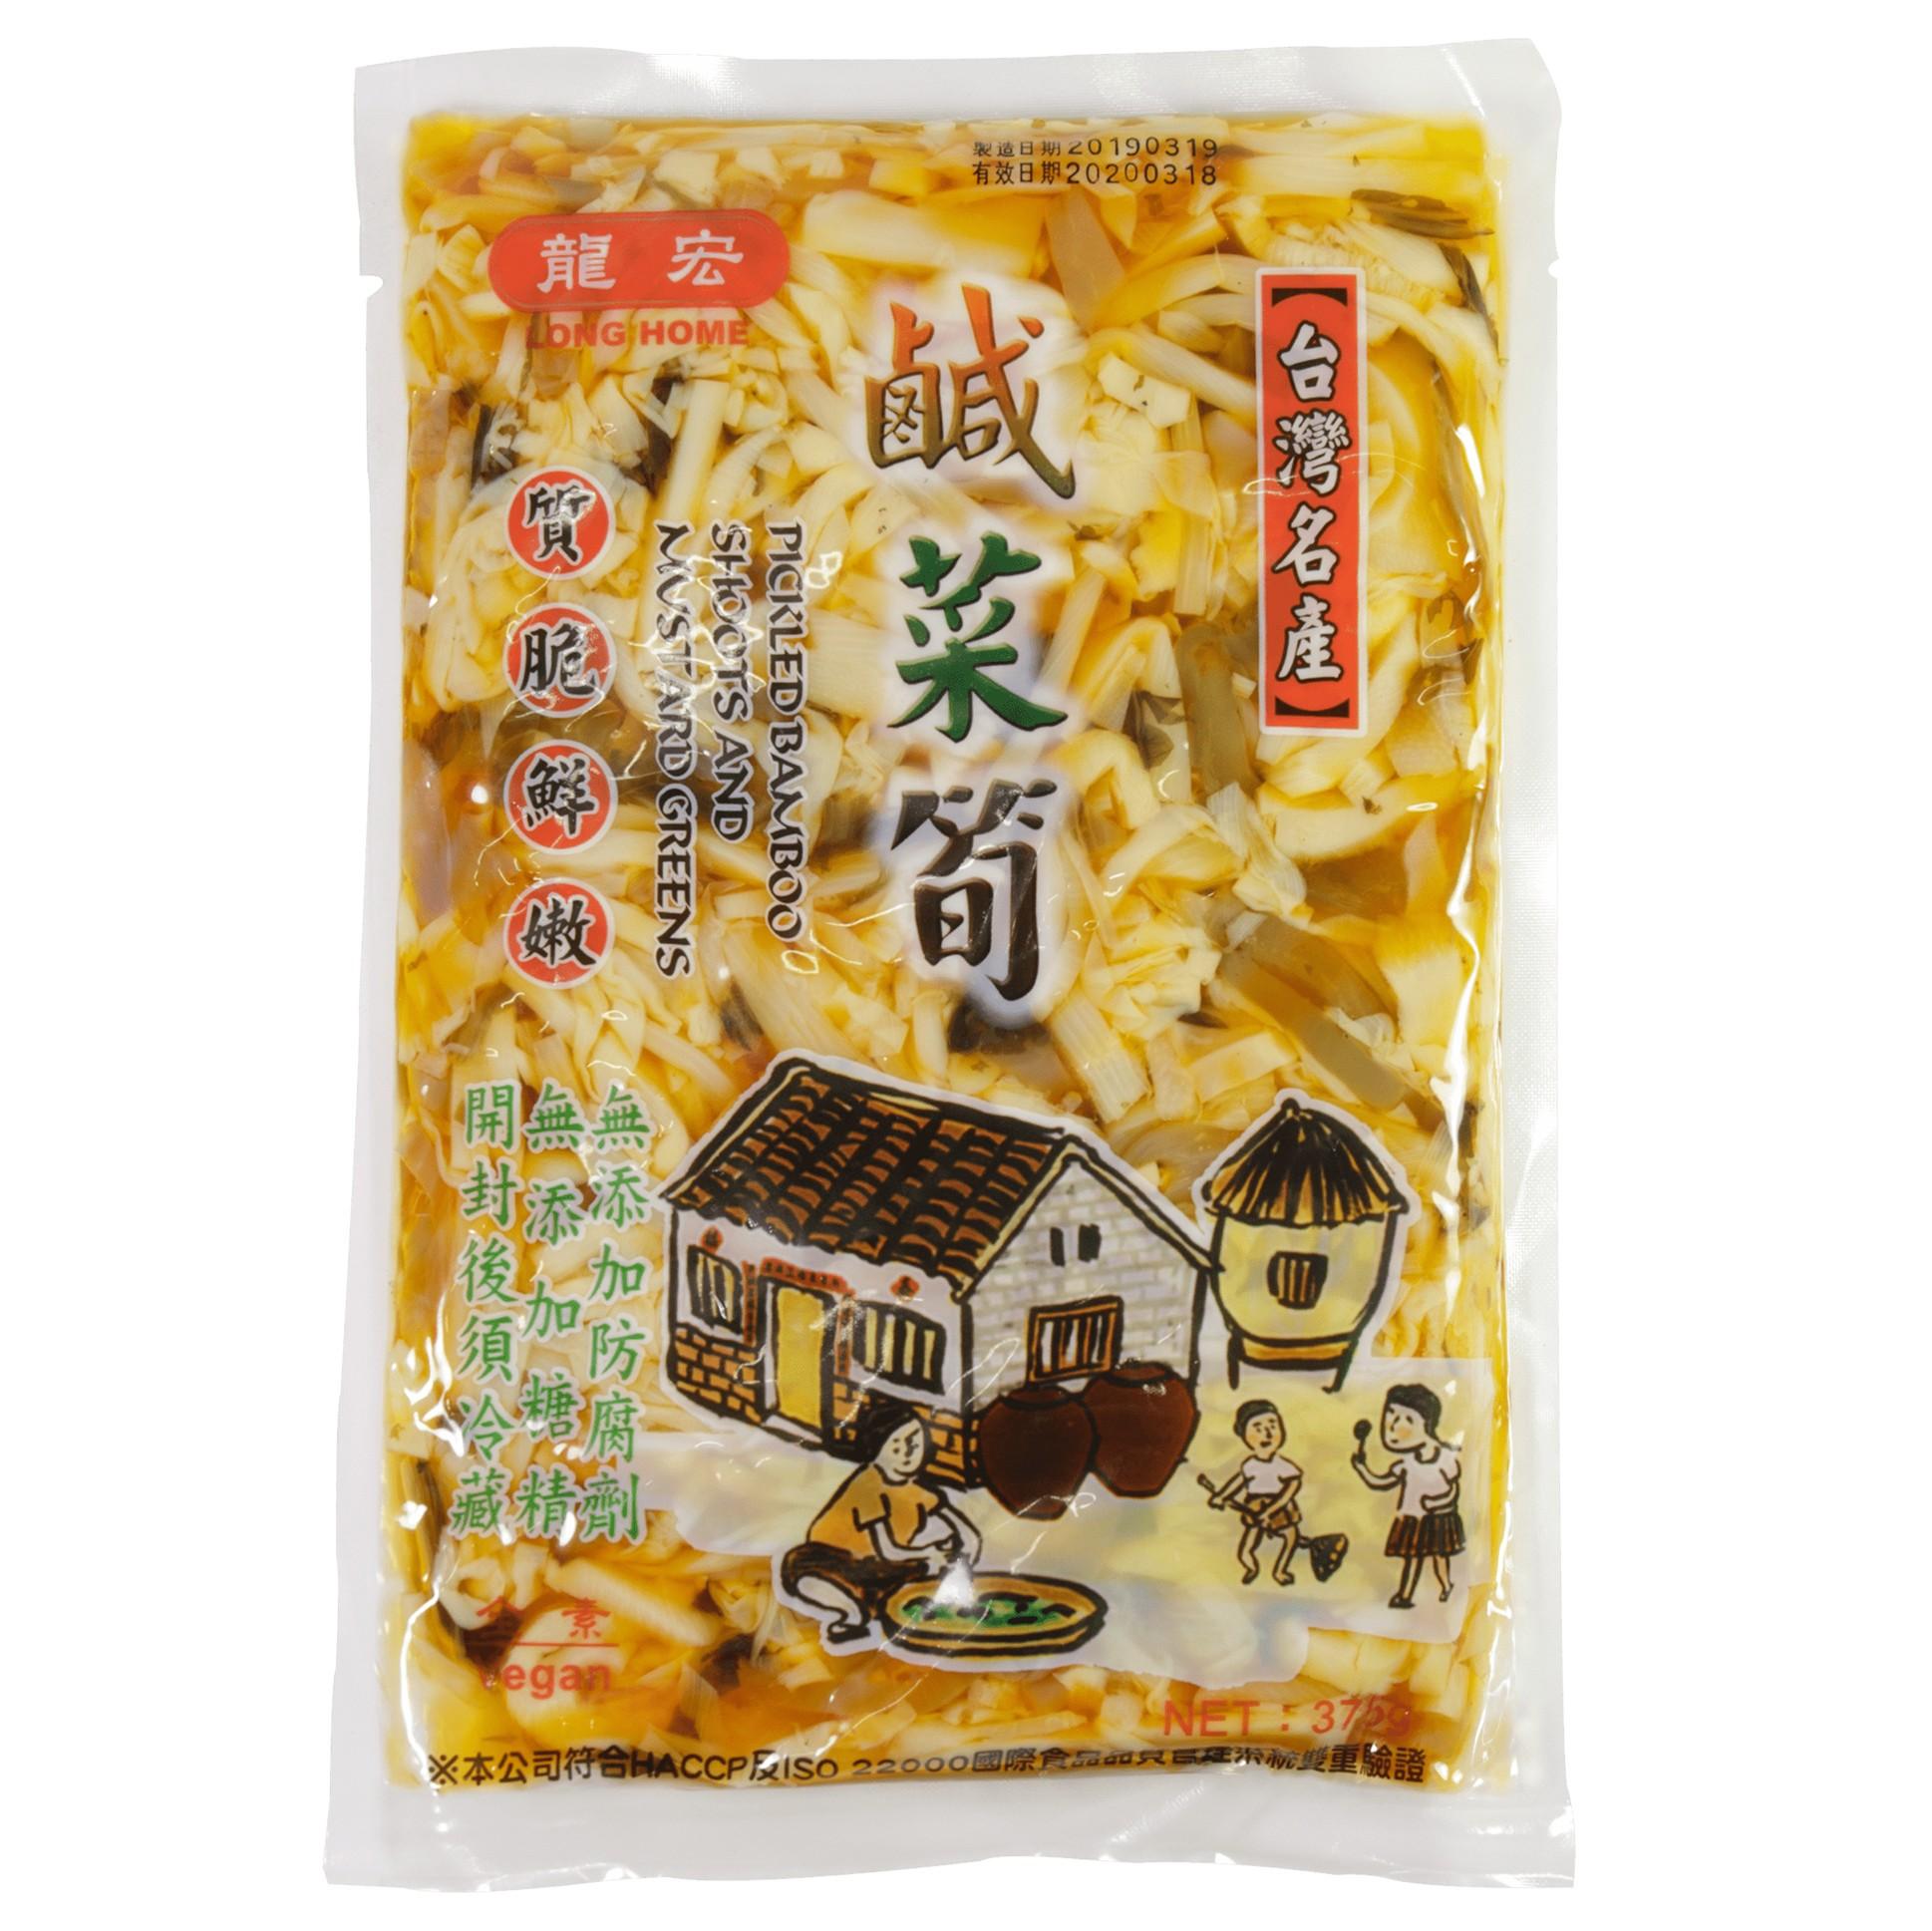 鹹菜筍 375g [真空包]